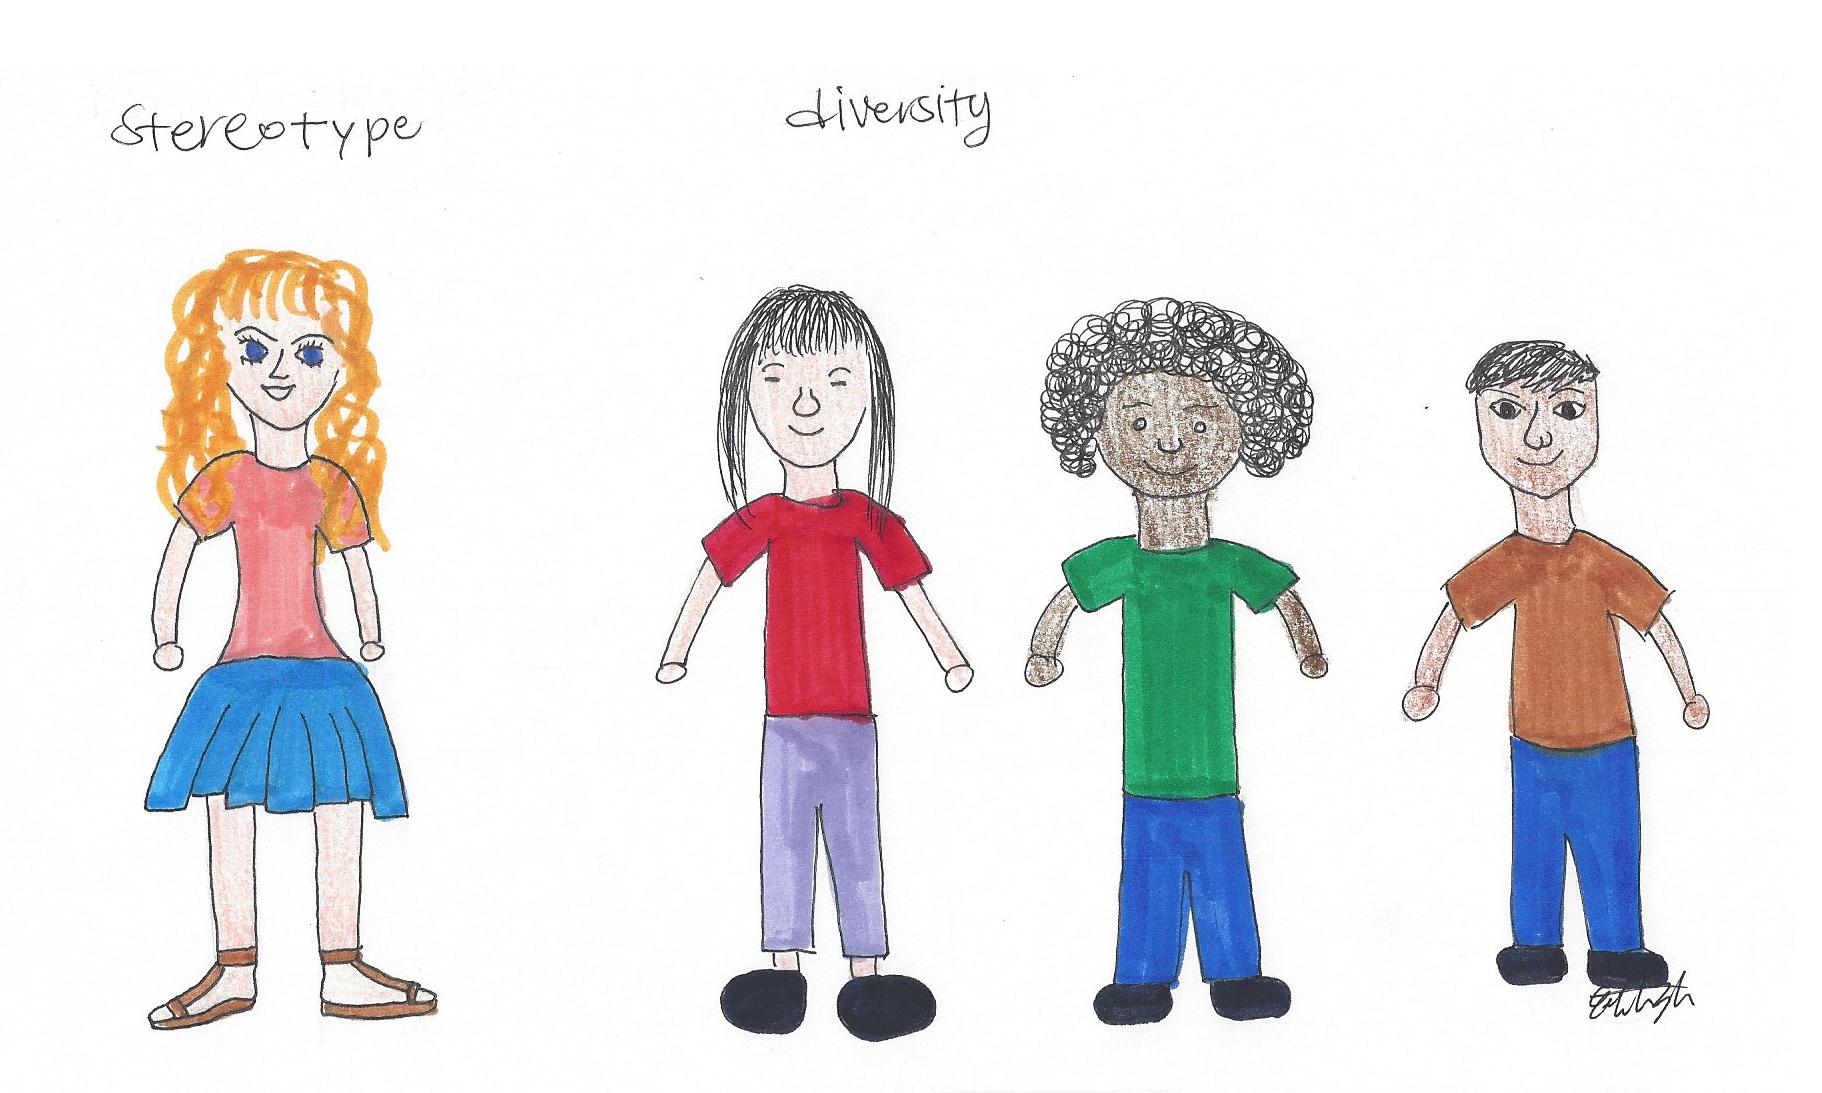 diversity (Estelle)